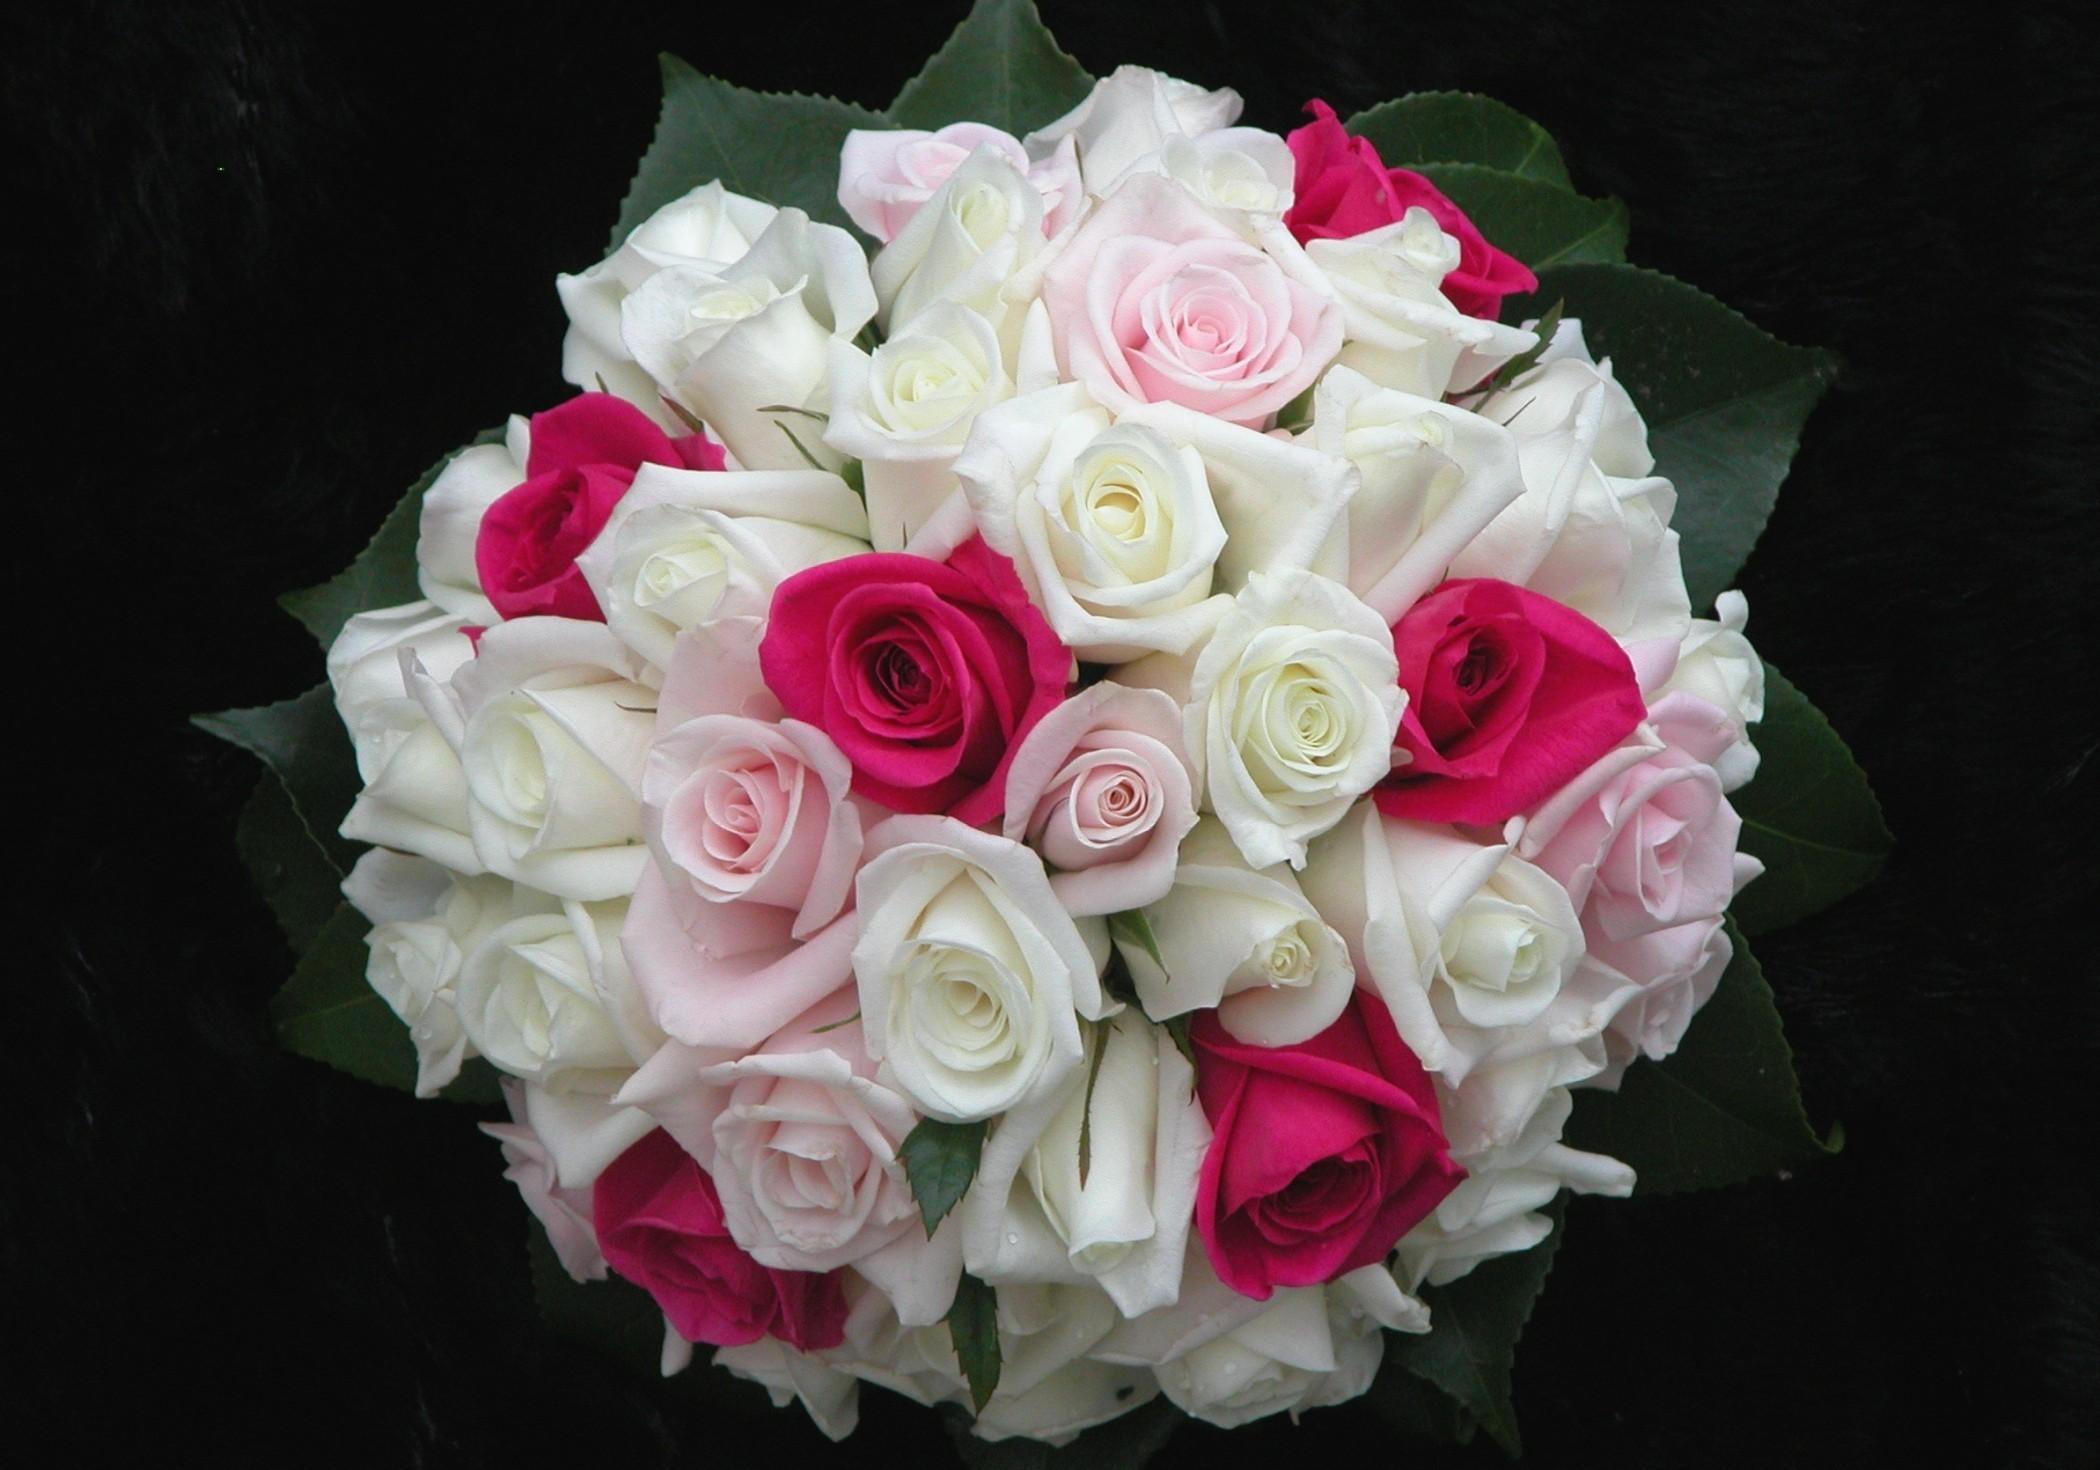 114408 скачать обои Букет, Розы, Розовые, Цветы, Листья, Оформление, Красиво - заставки и картинки бесплатно